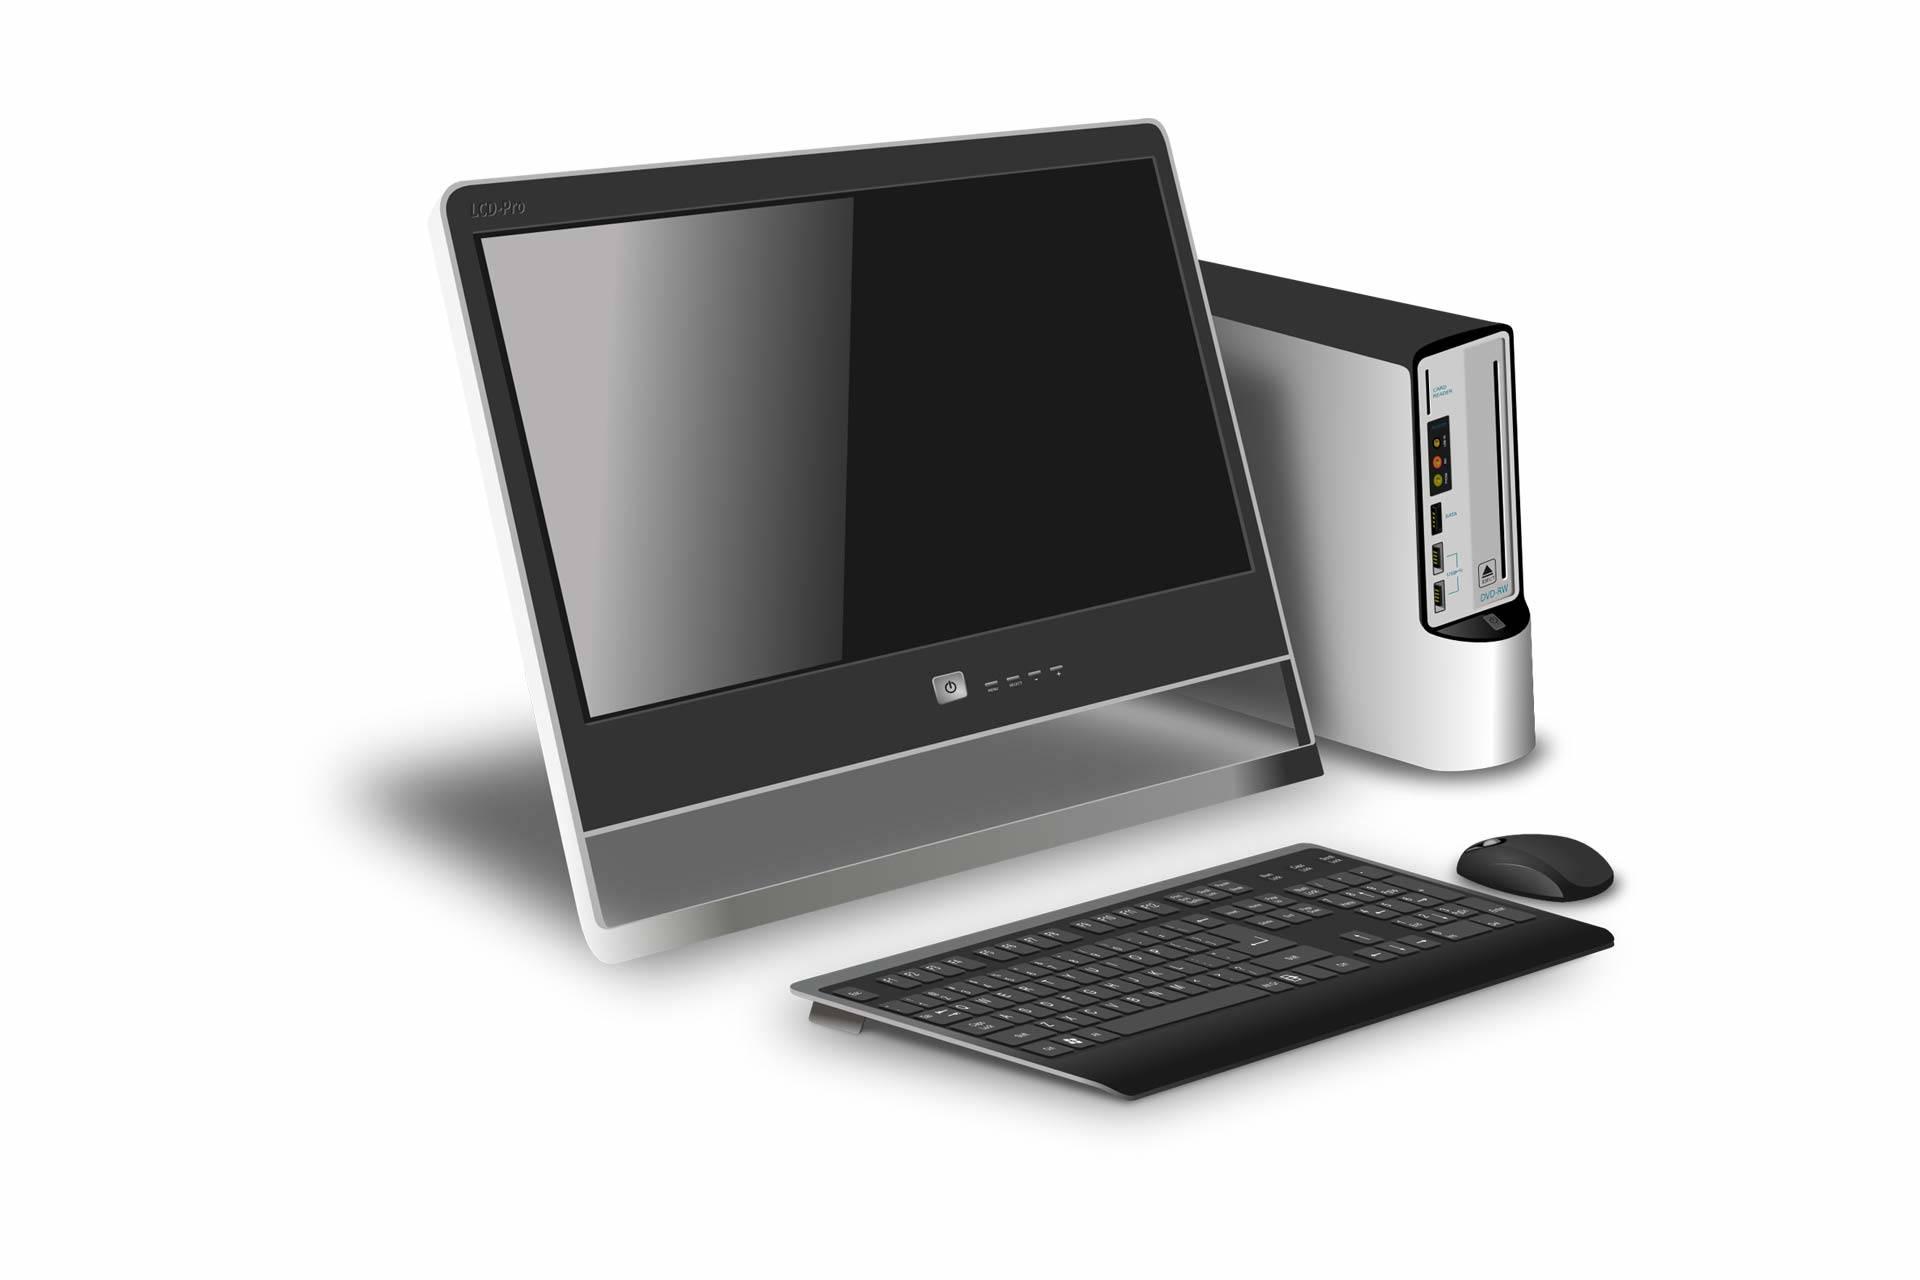 Computerleasing ist die Kombination aus guter Hardware und einem seriösen Leasingvertrag.